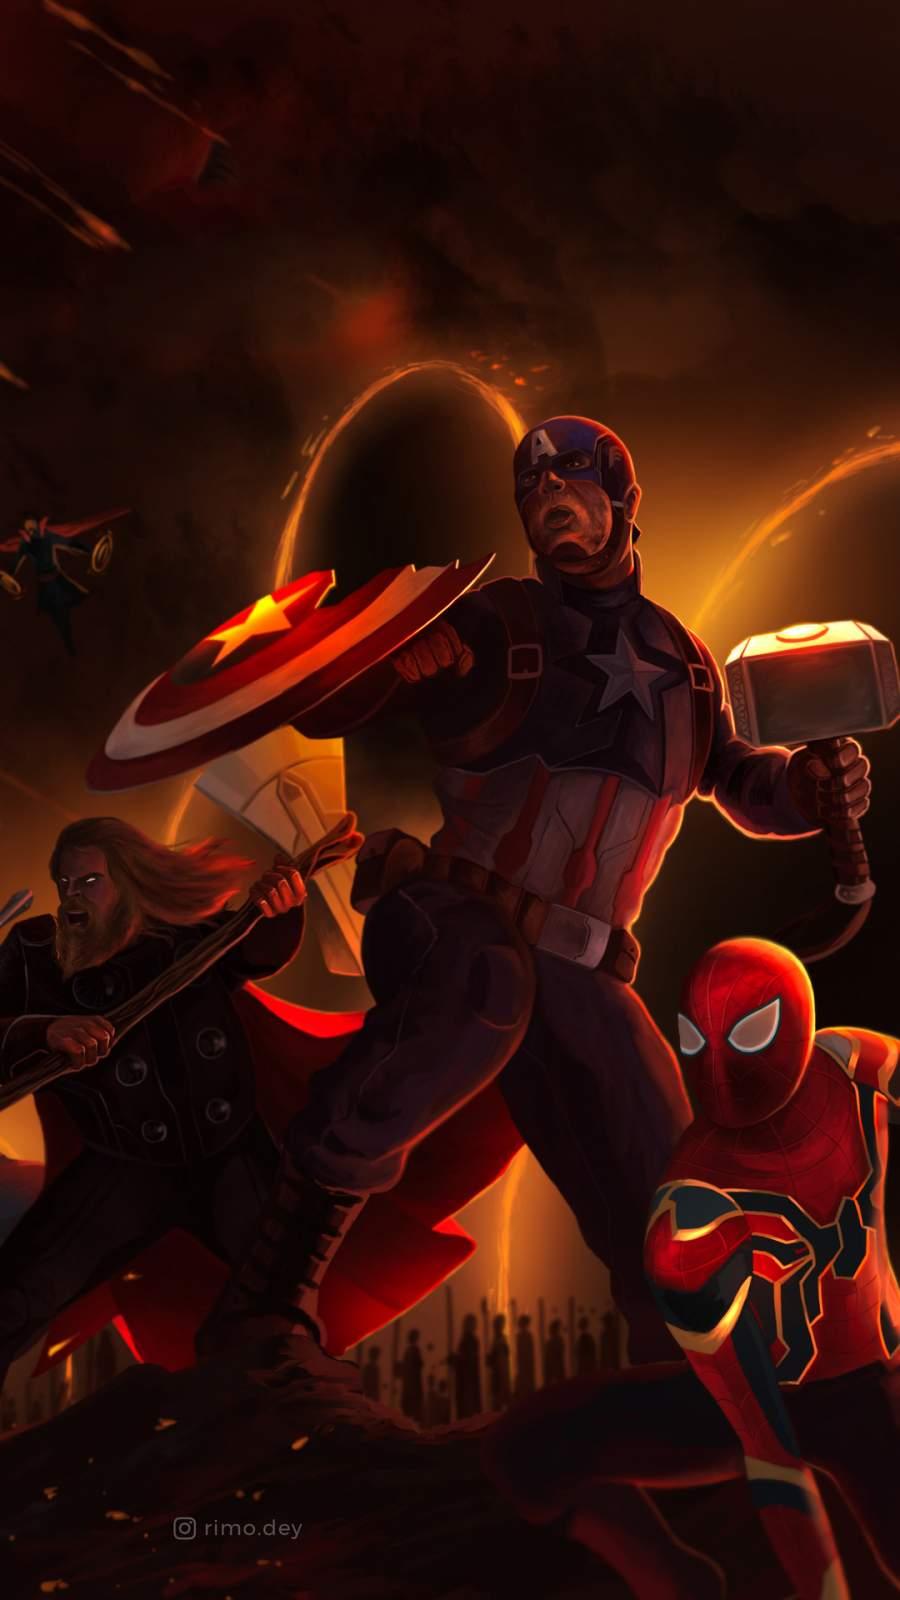 The Avengers Art iPhone Wallpaper